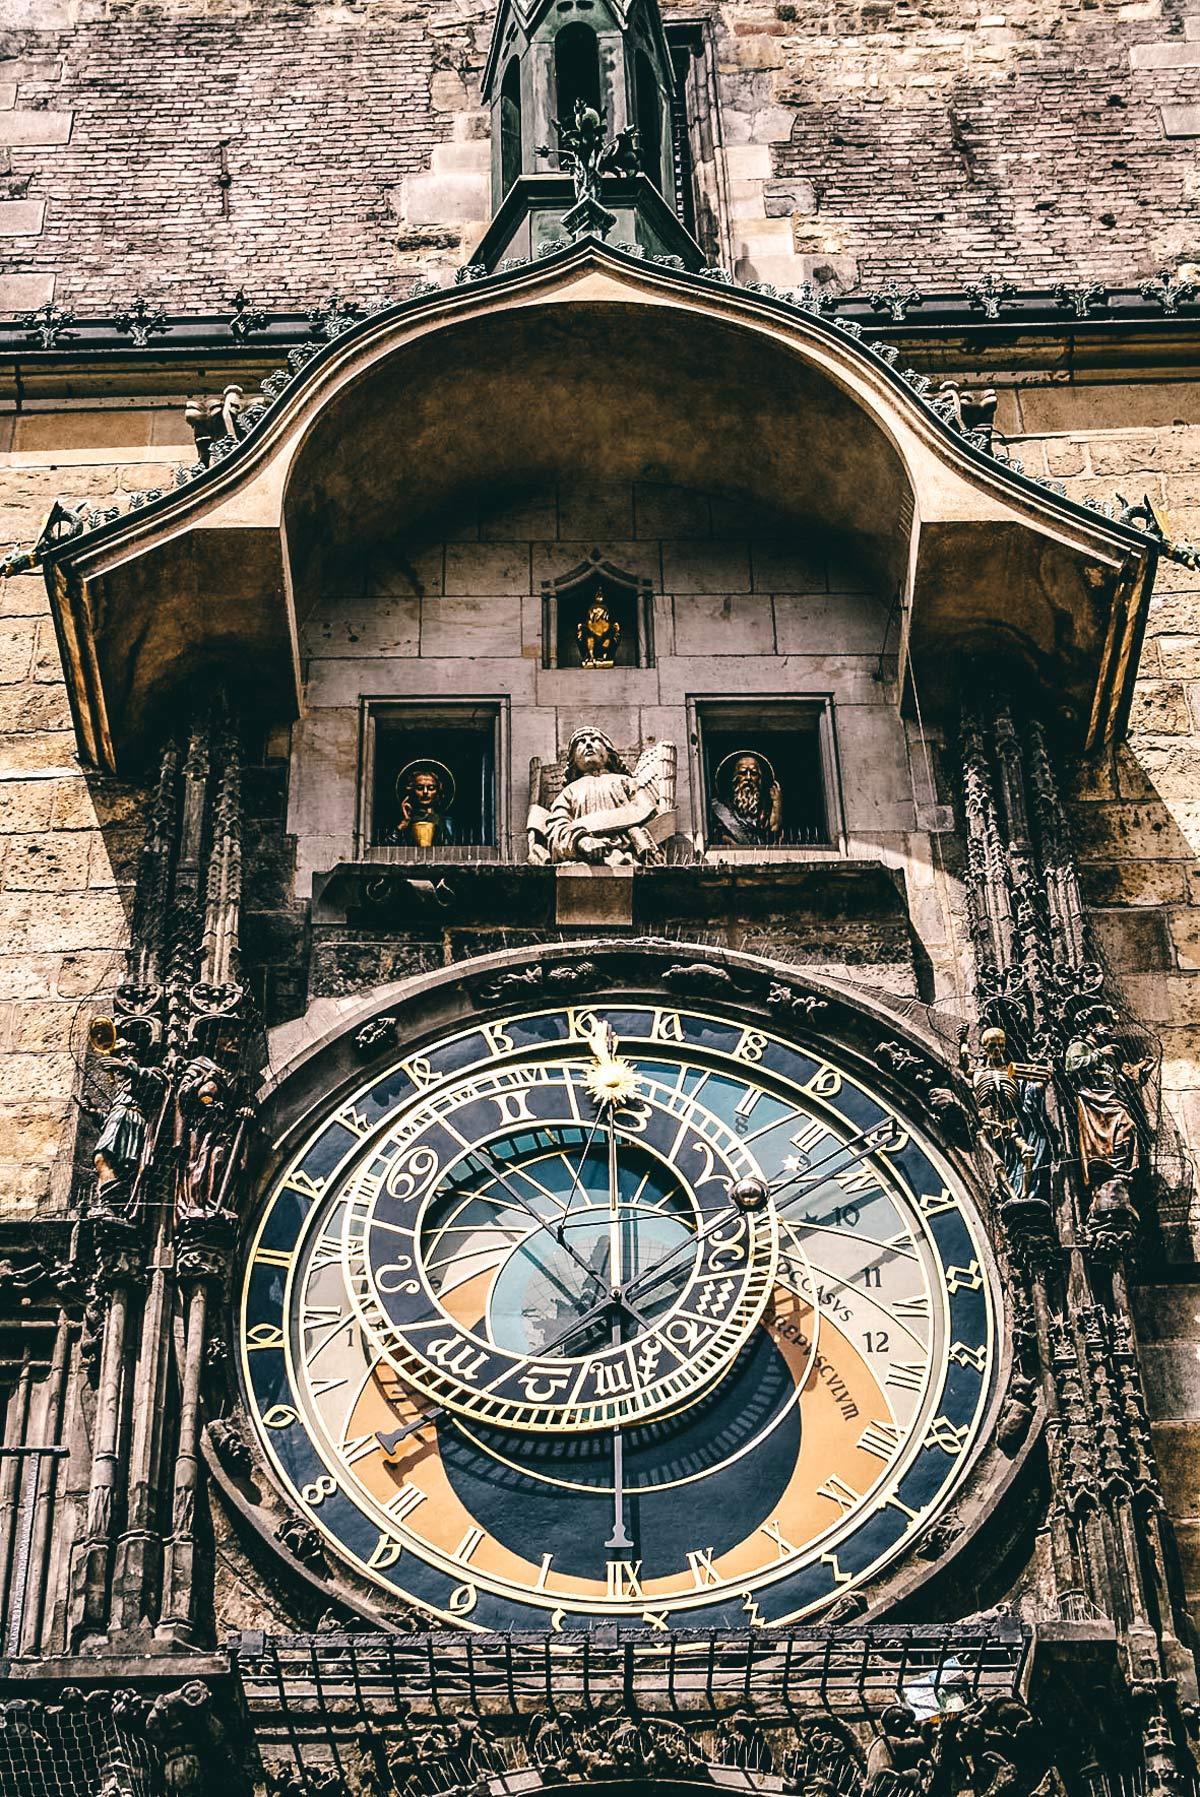 Uhr am Alten Rathaus